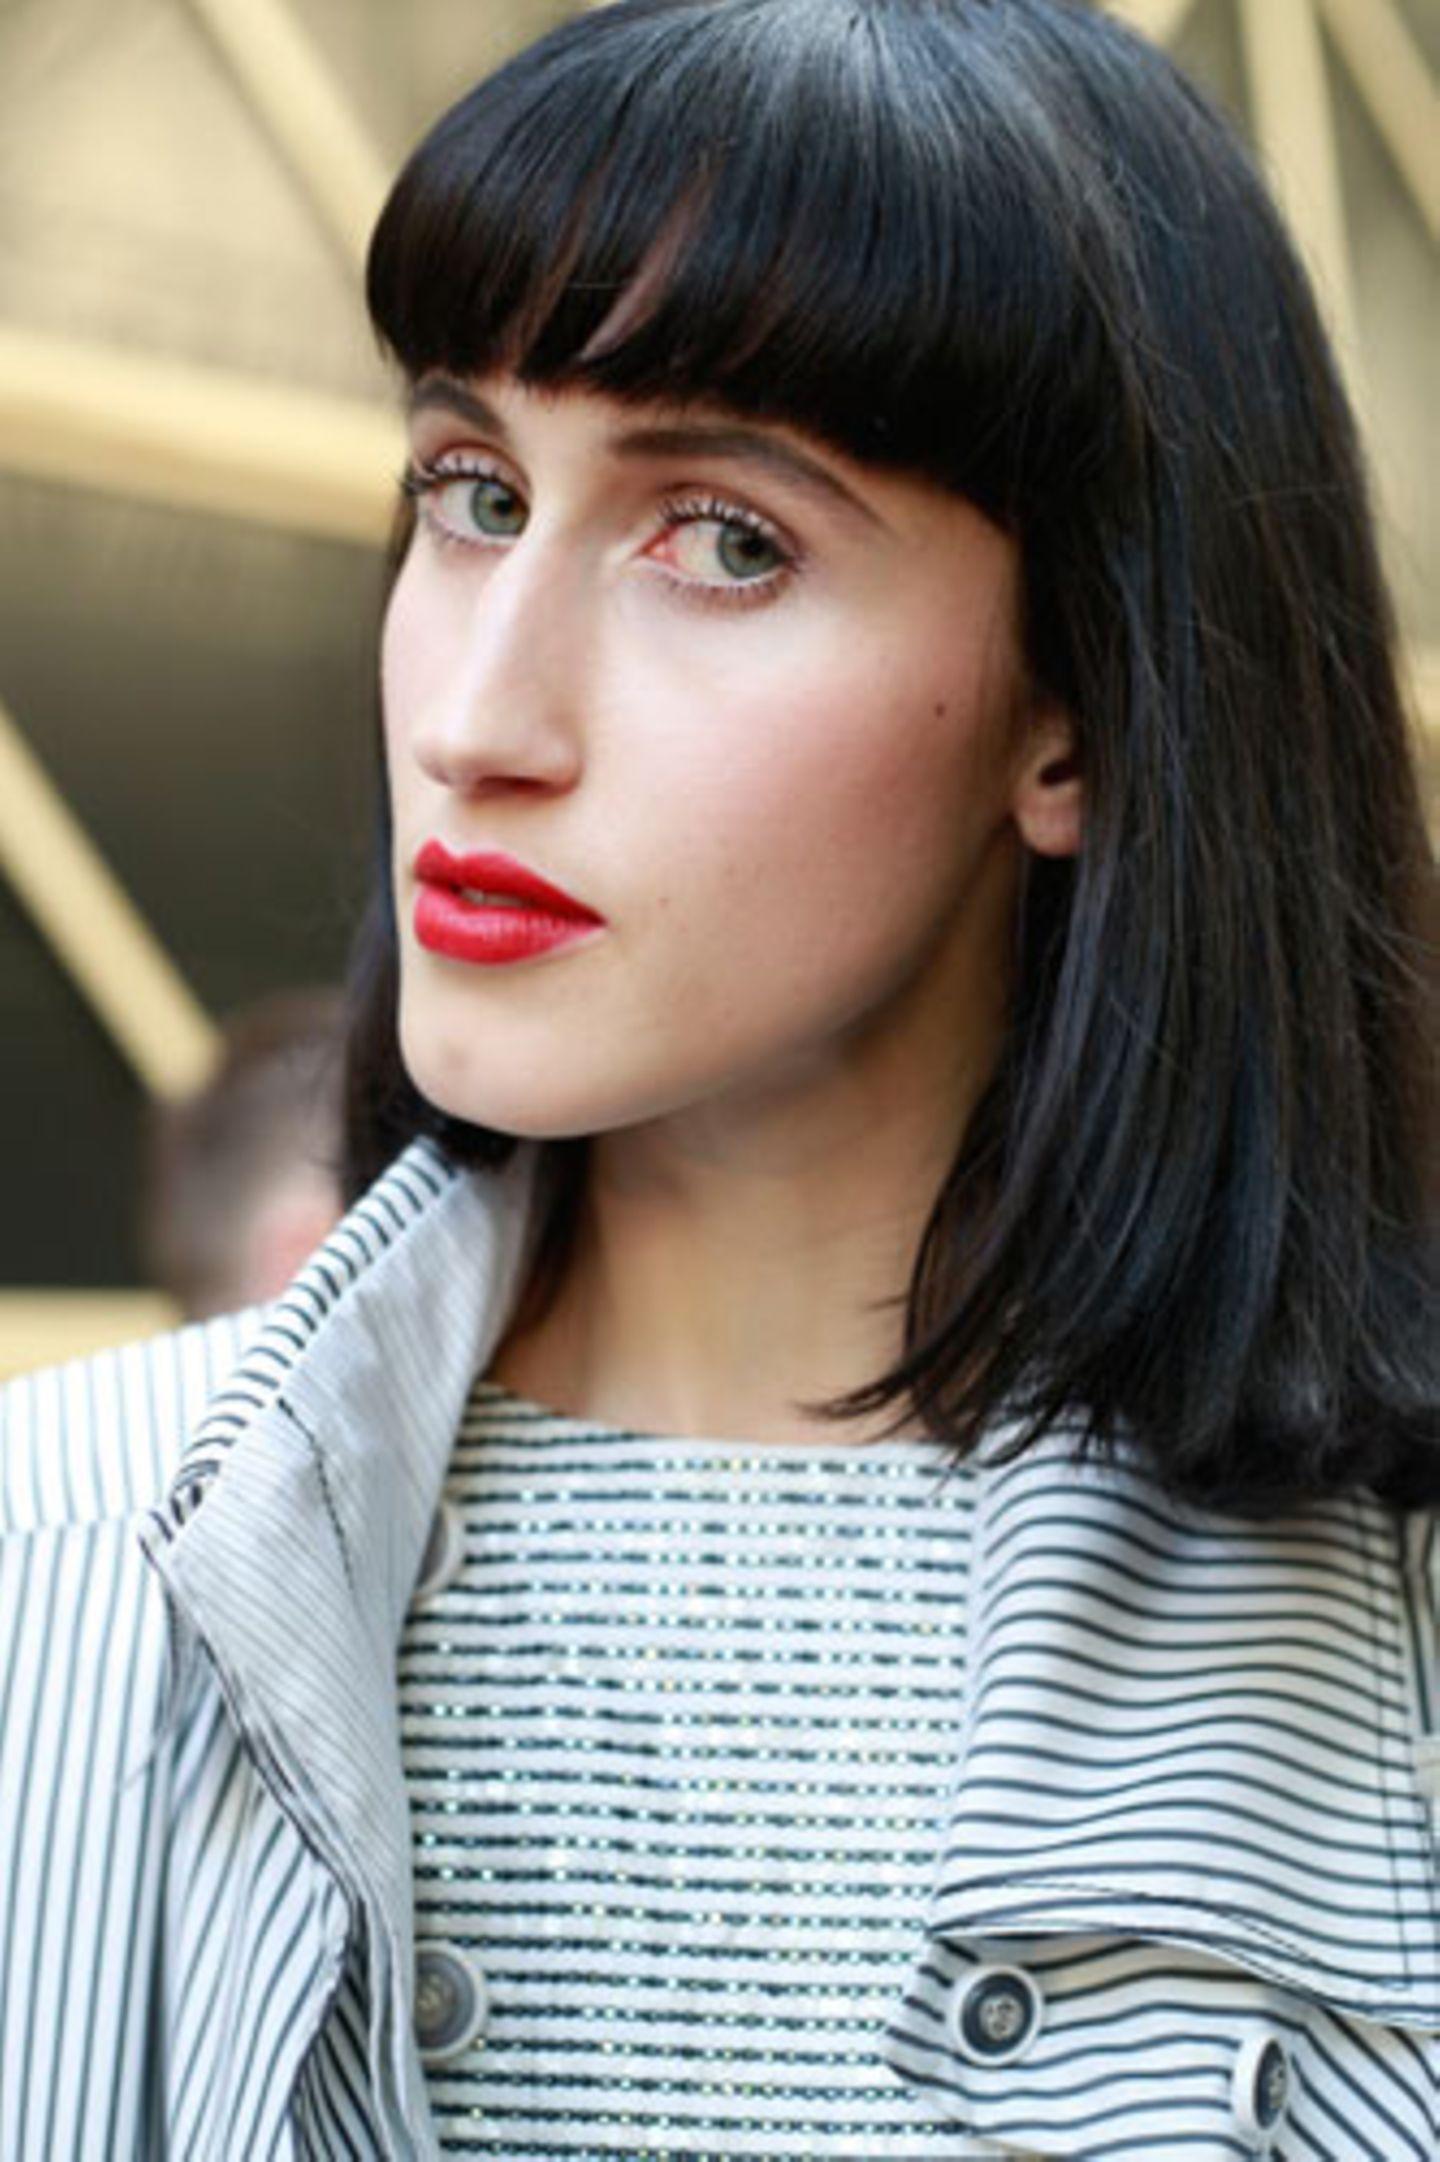 Wie wirkt Make-up: Roter Lippenstift